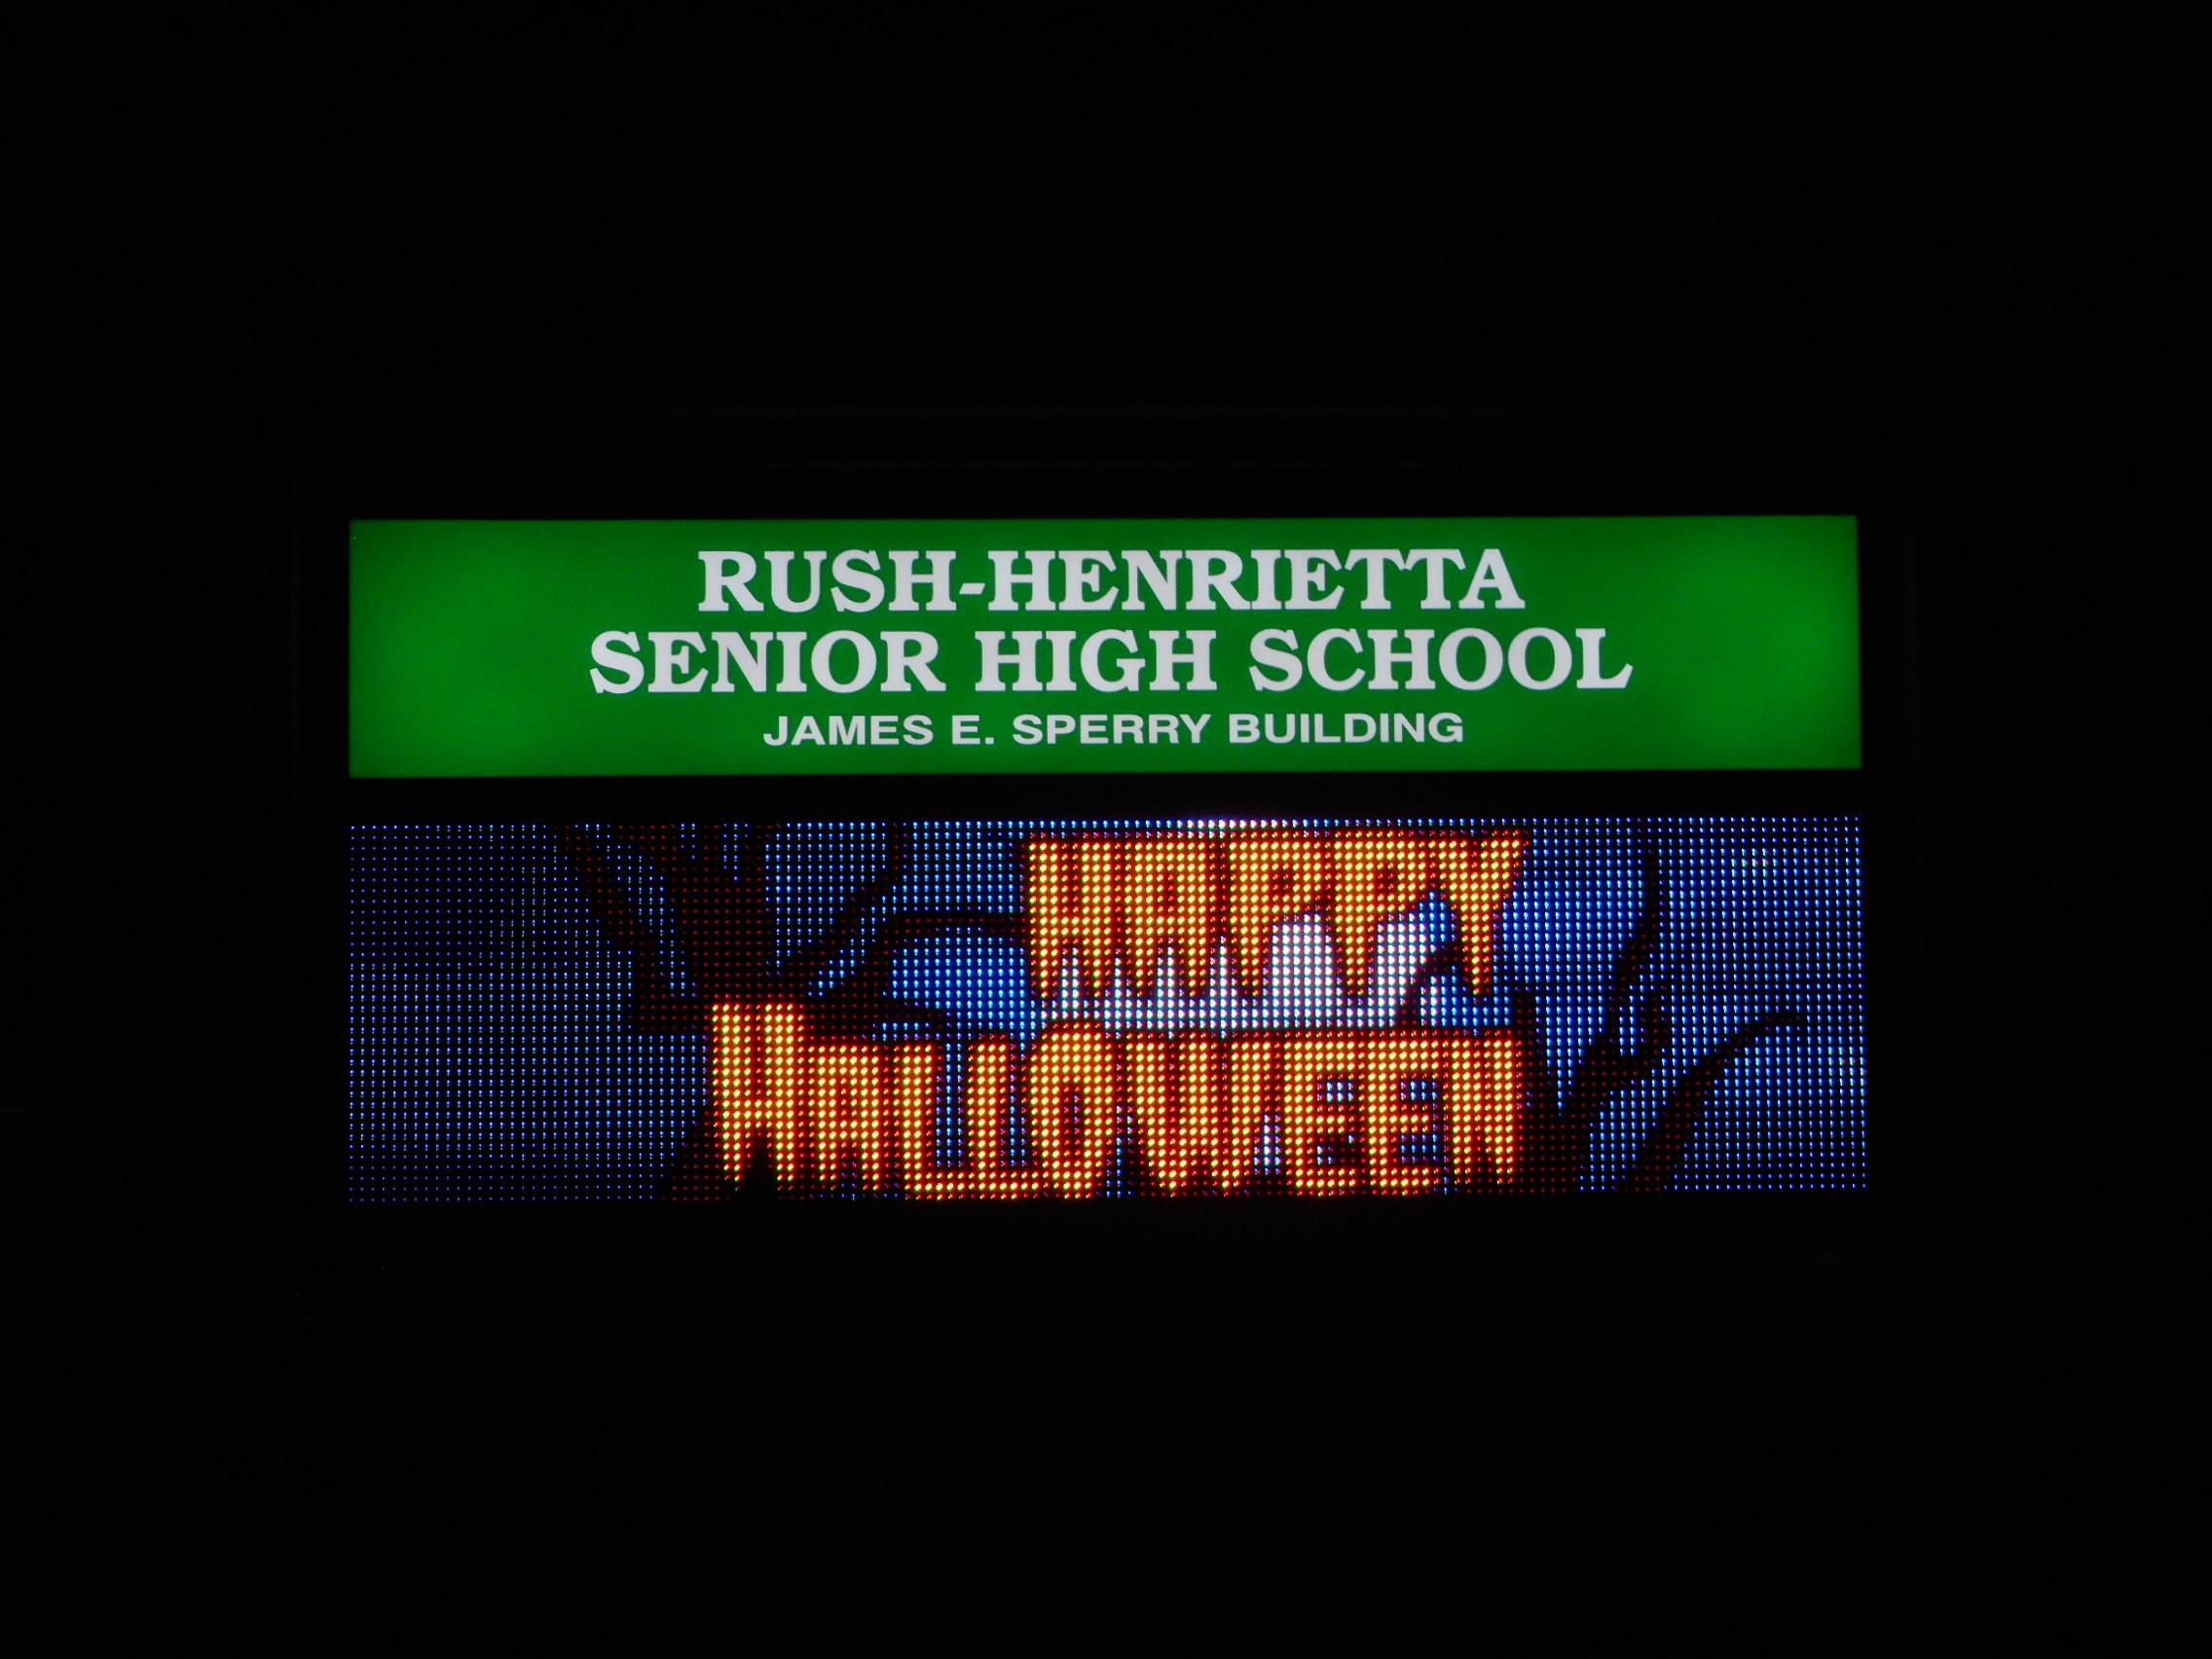 R-H HighSchool 19mm color .JPG